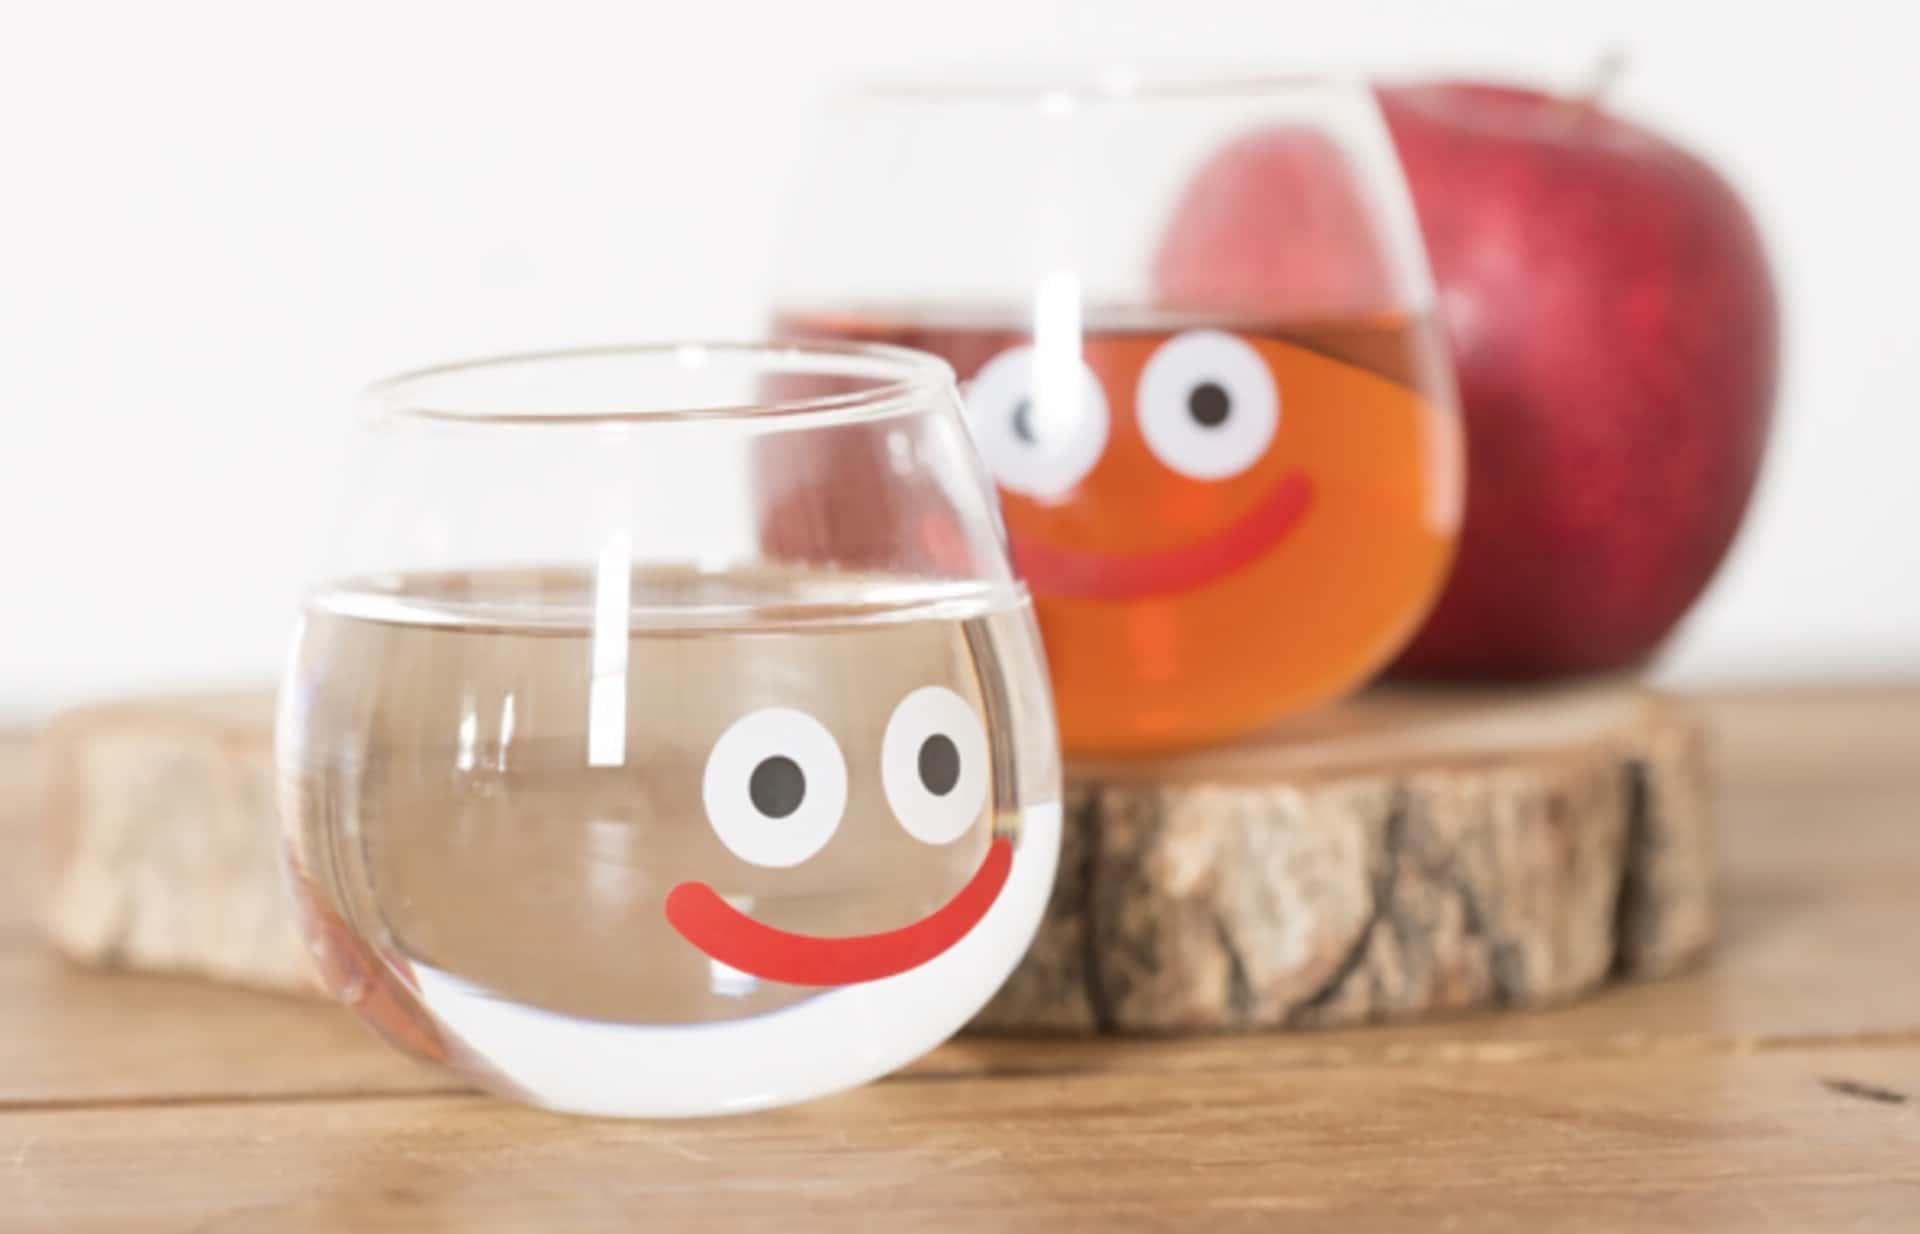 ドラクエグッズ:ゆらゆらグラス